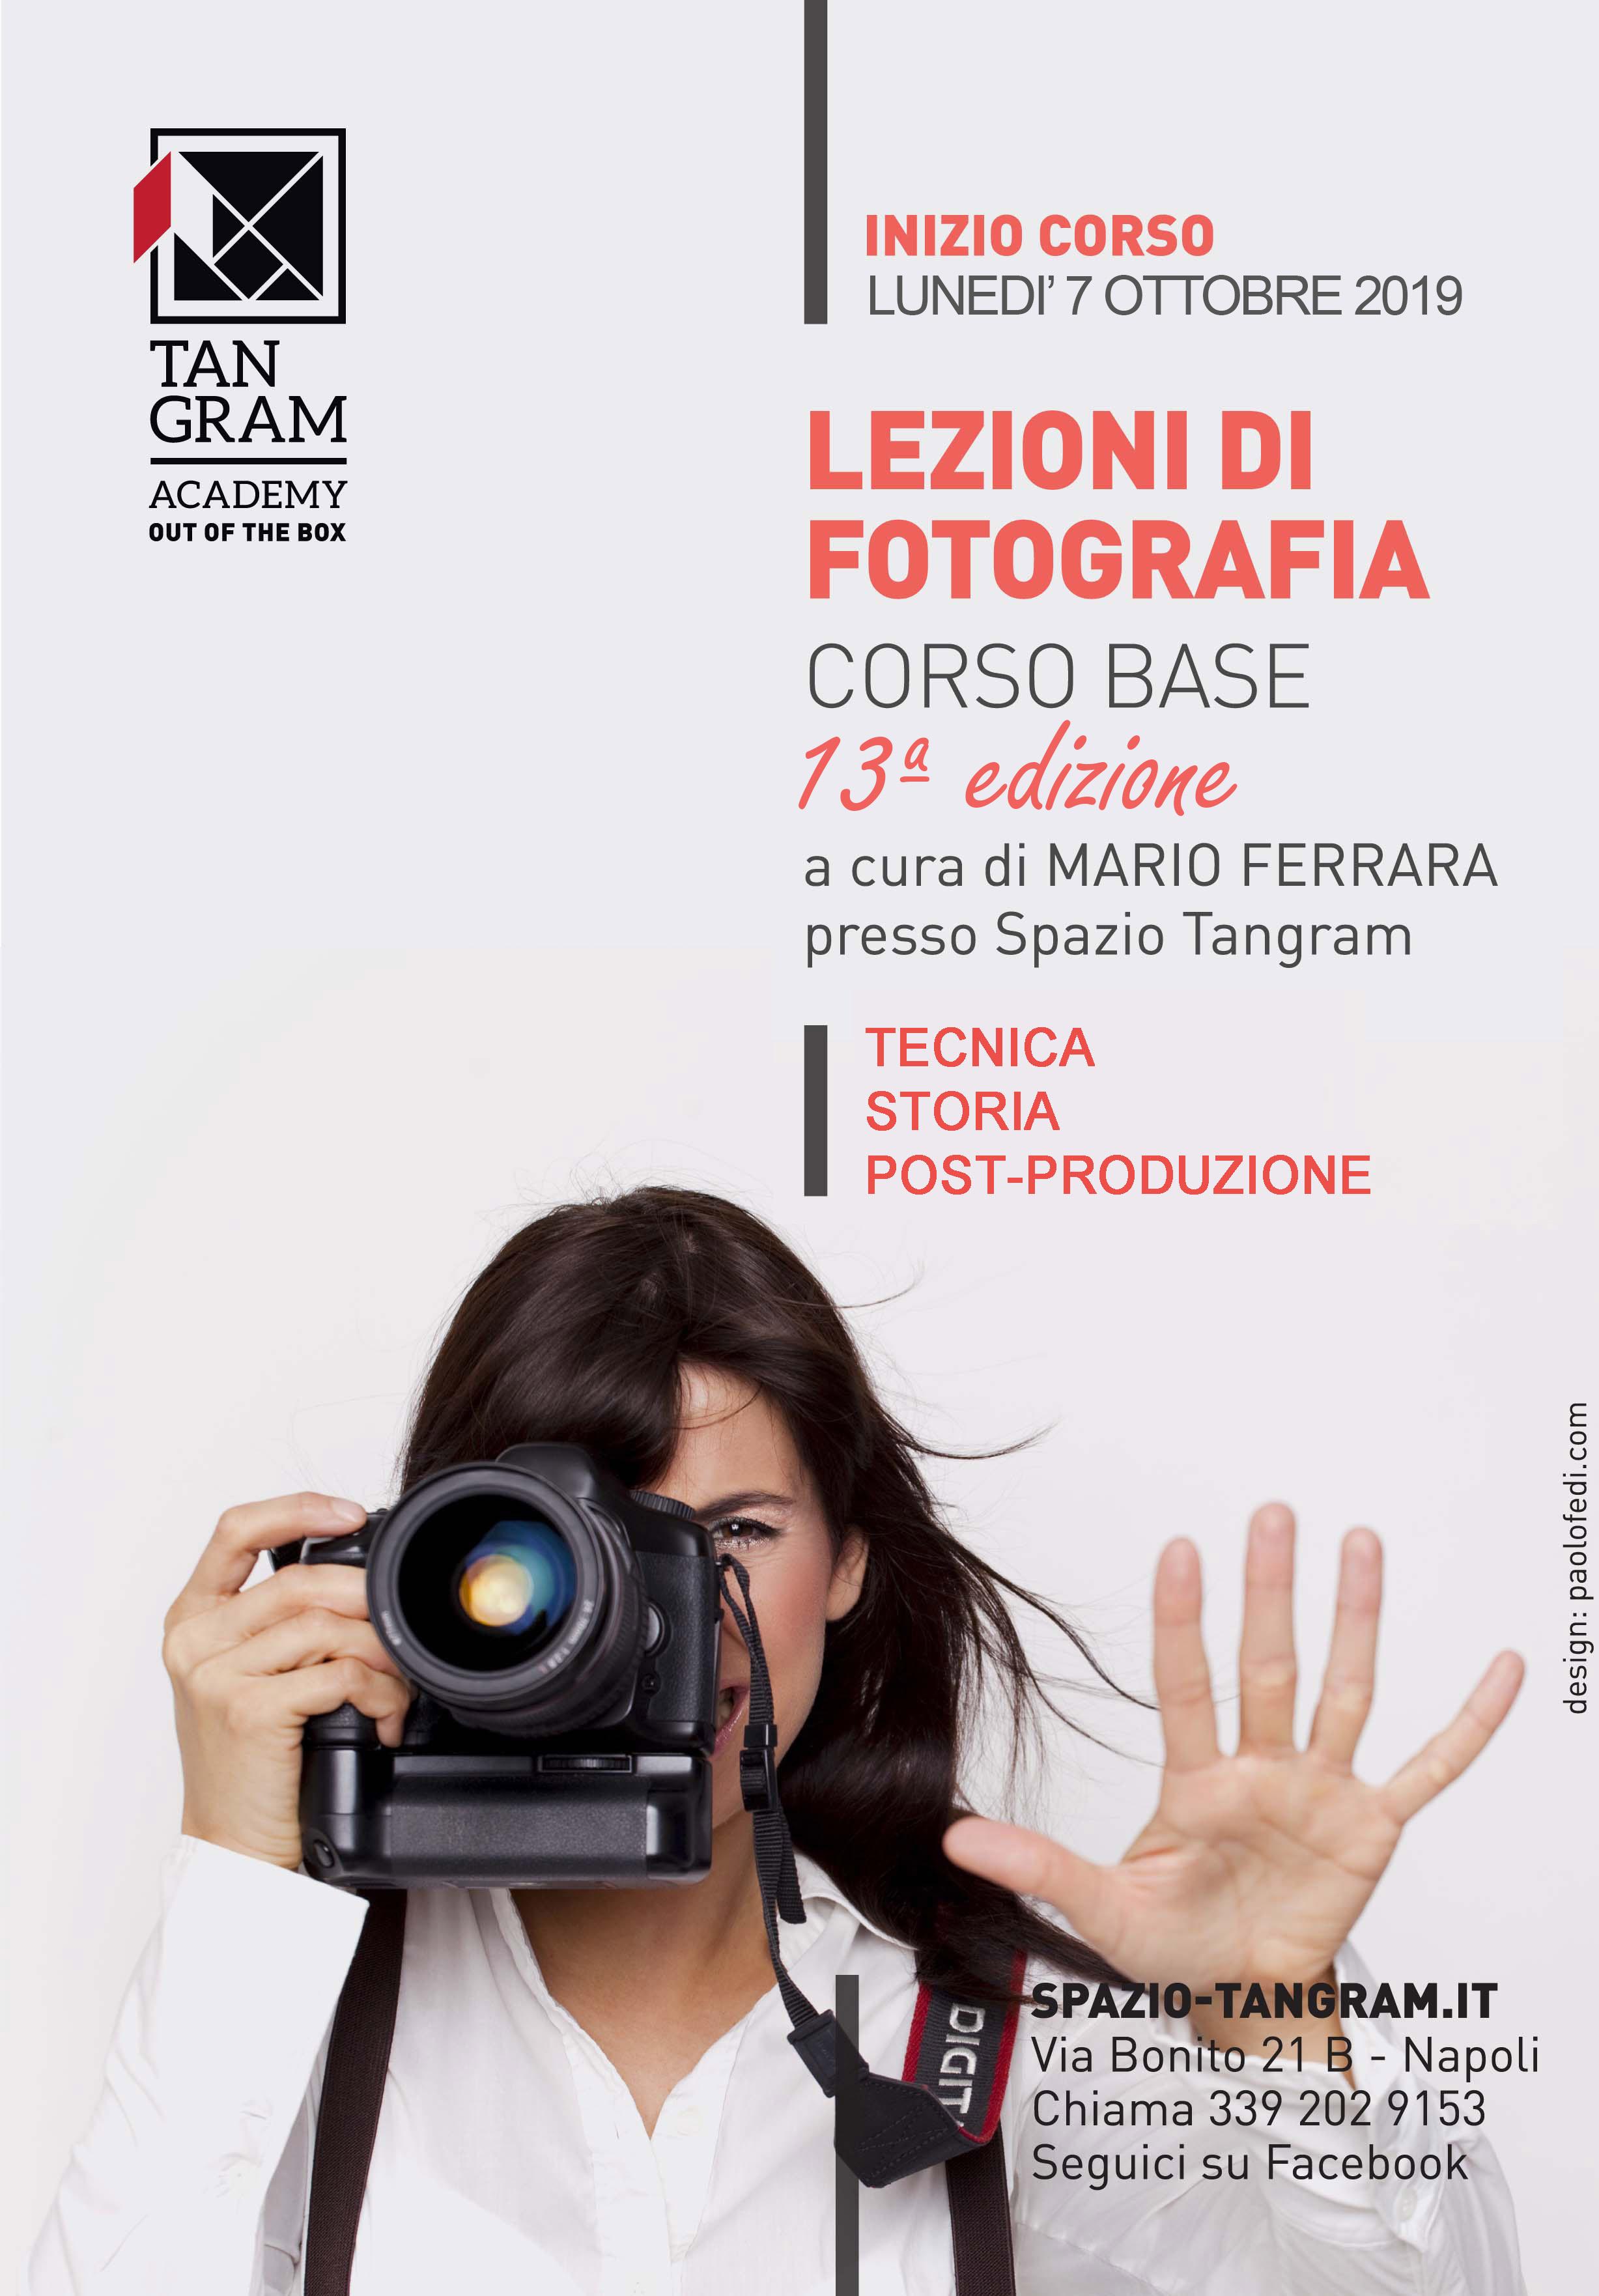 Corso Lezioni di fotografia con Mario Ferrara a Spazio Tangram